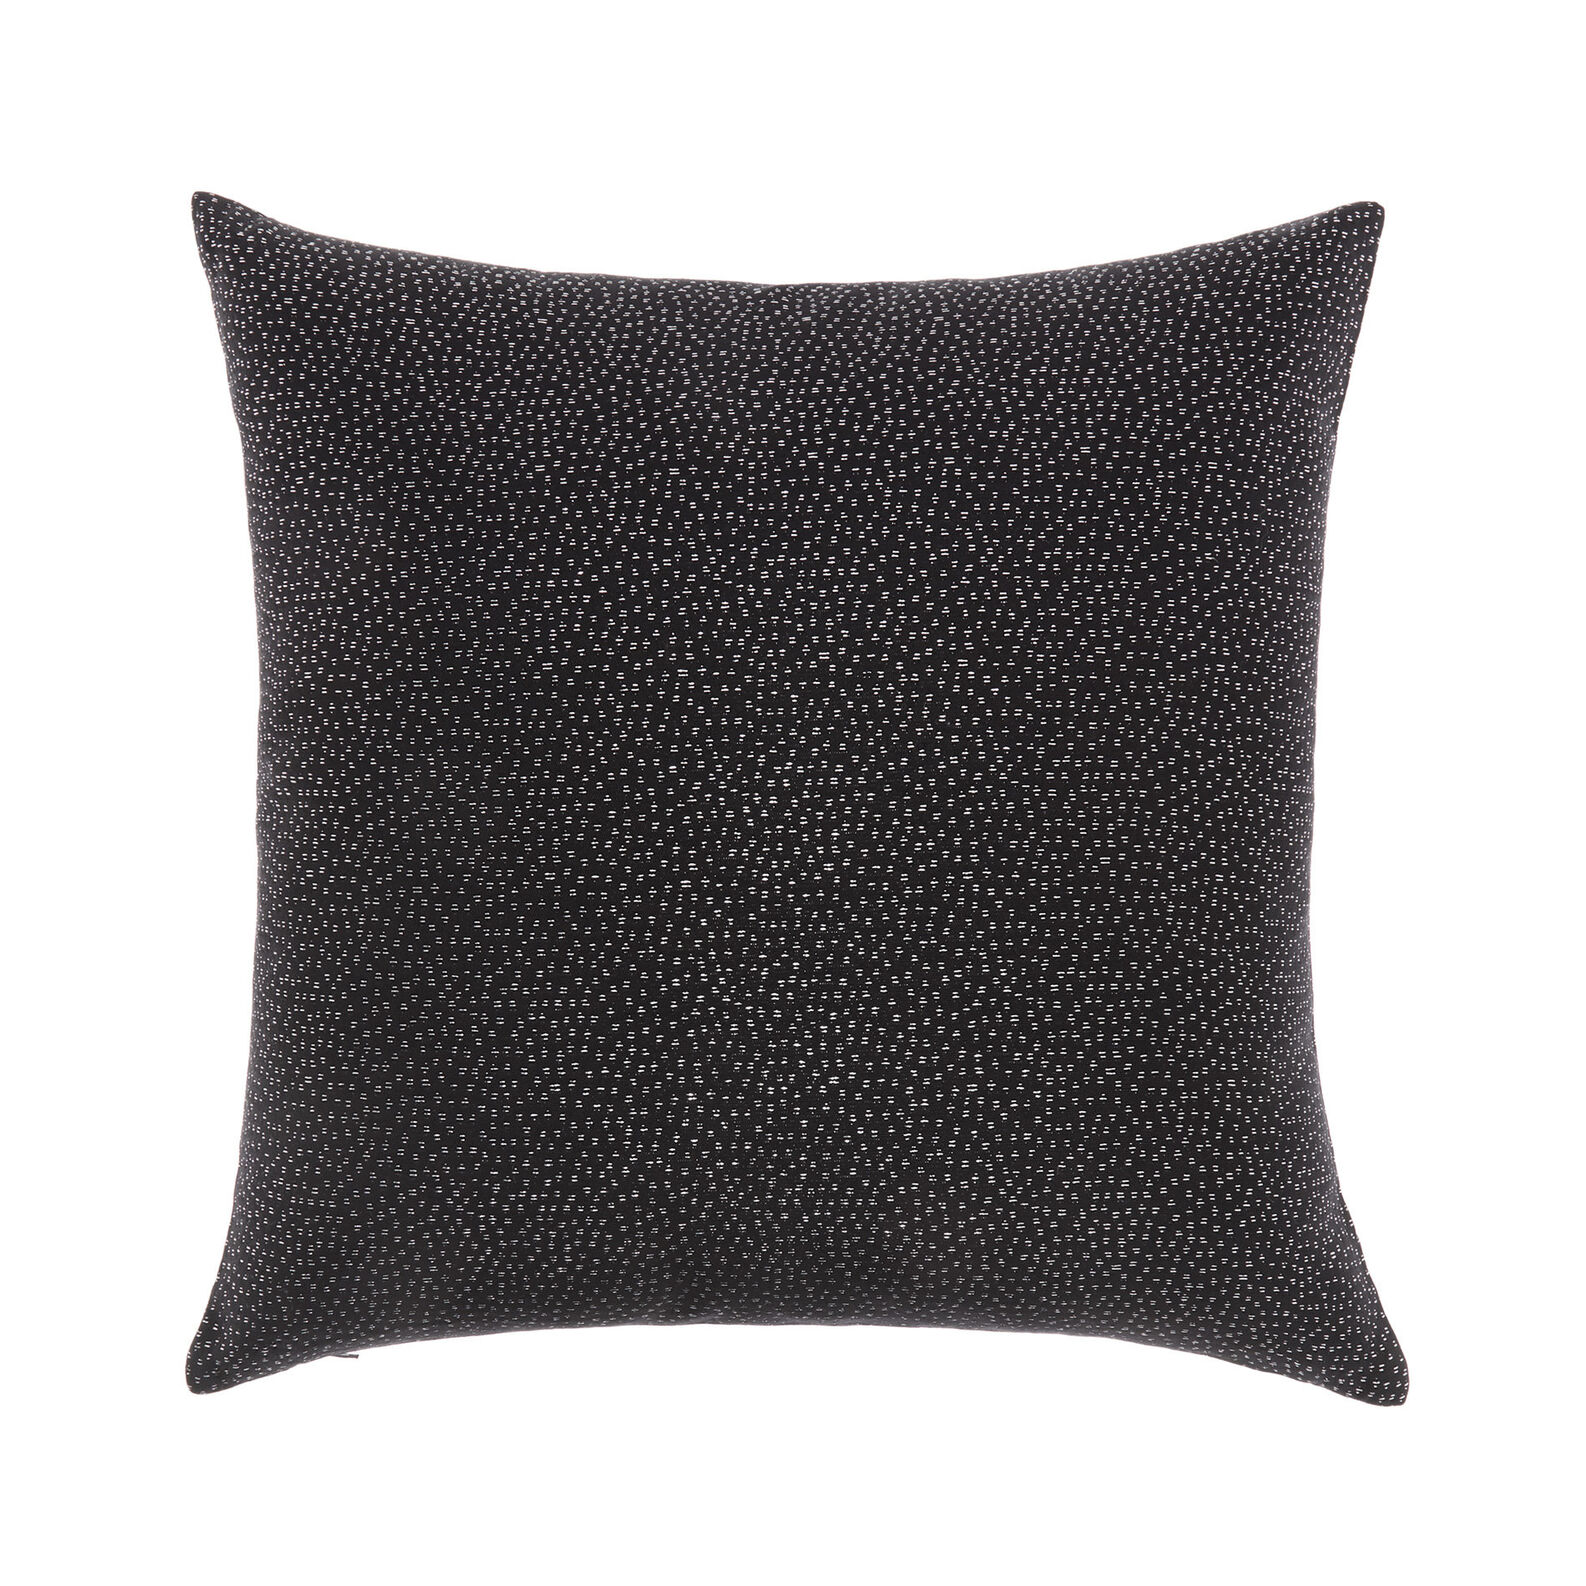 Jacquard lurex cushion 45x45cm